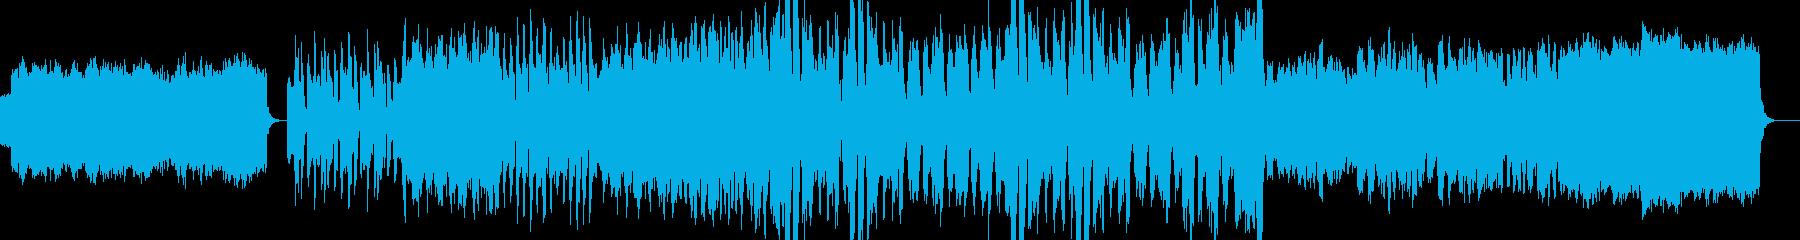 民族的・重い・憂鬱なゲーム音楽の再生済みの波形